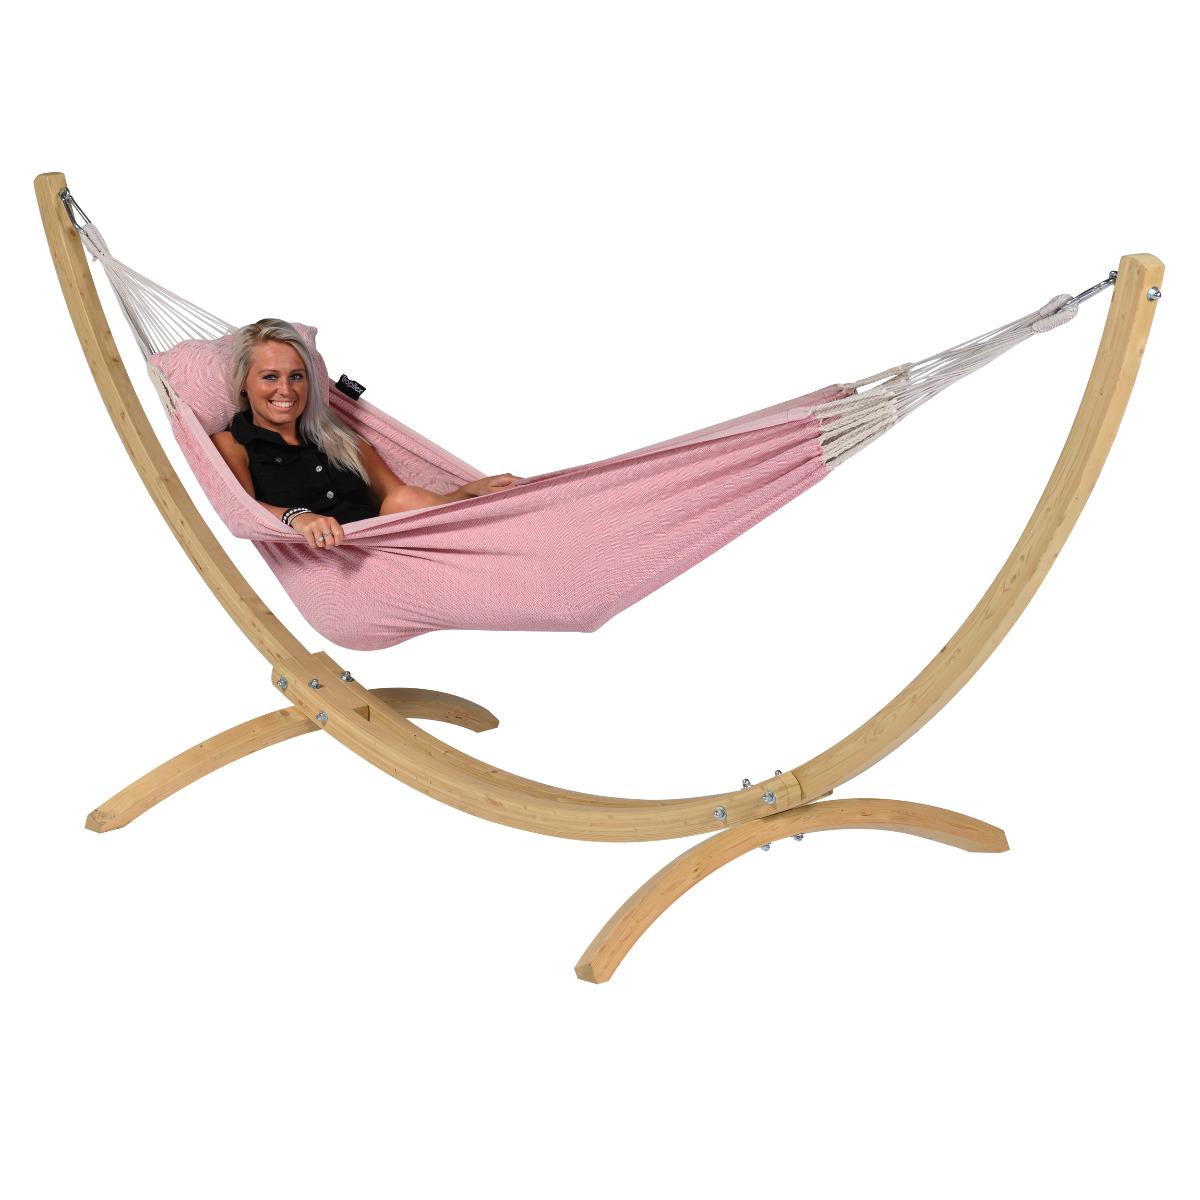 Hangmatset Single 'Wood & Natural' Pink - Tropilex �